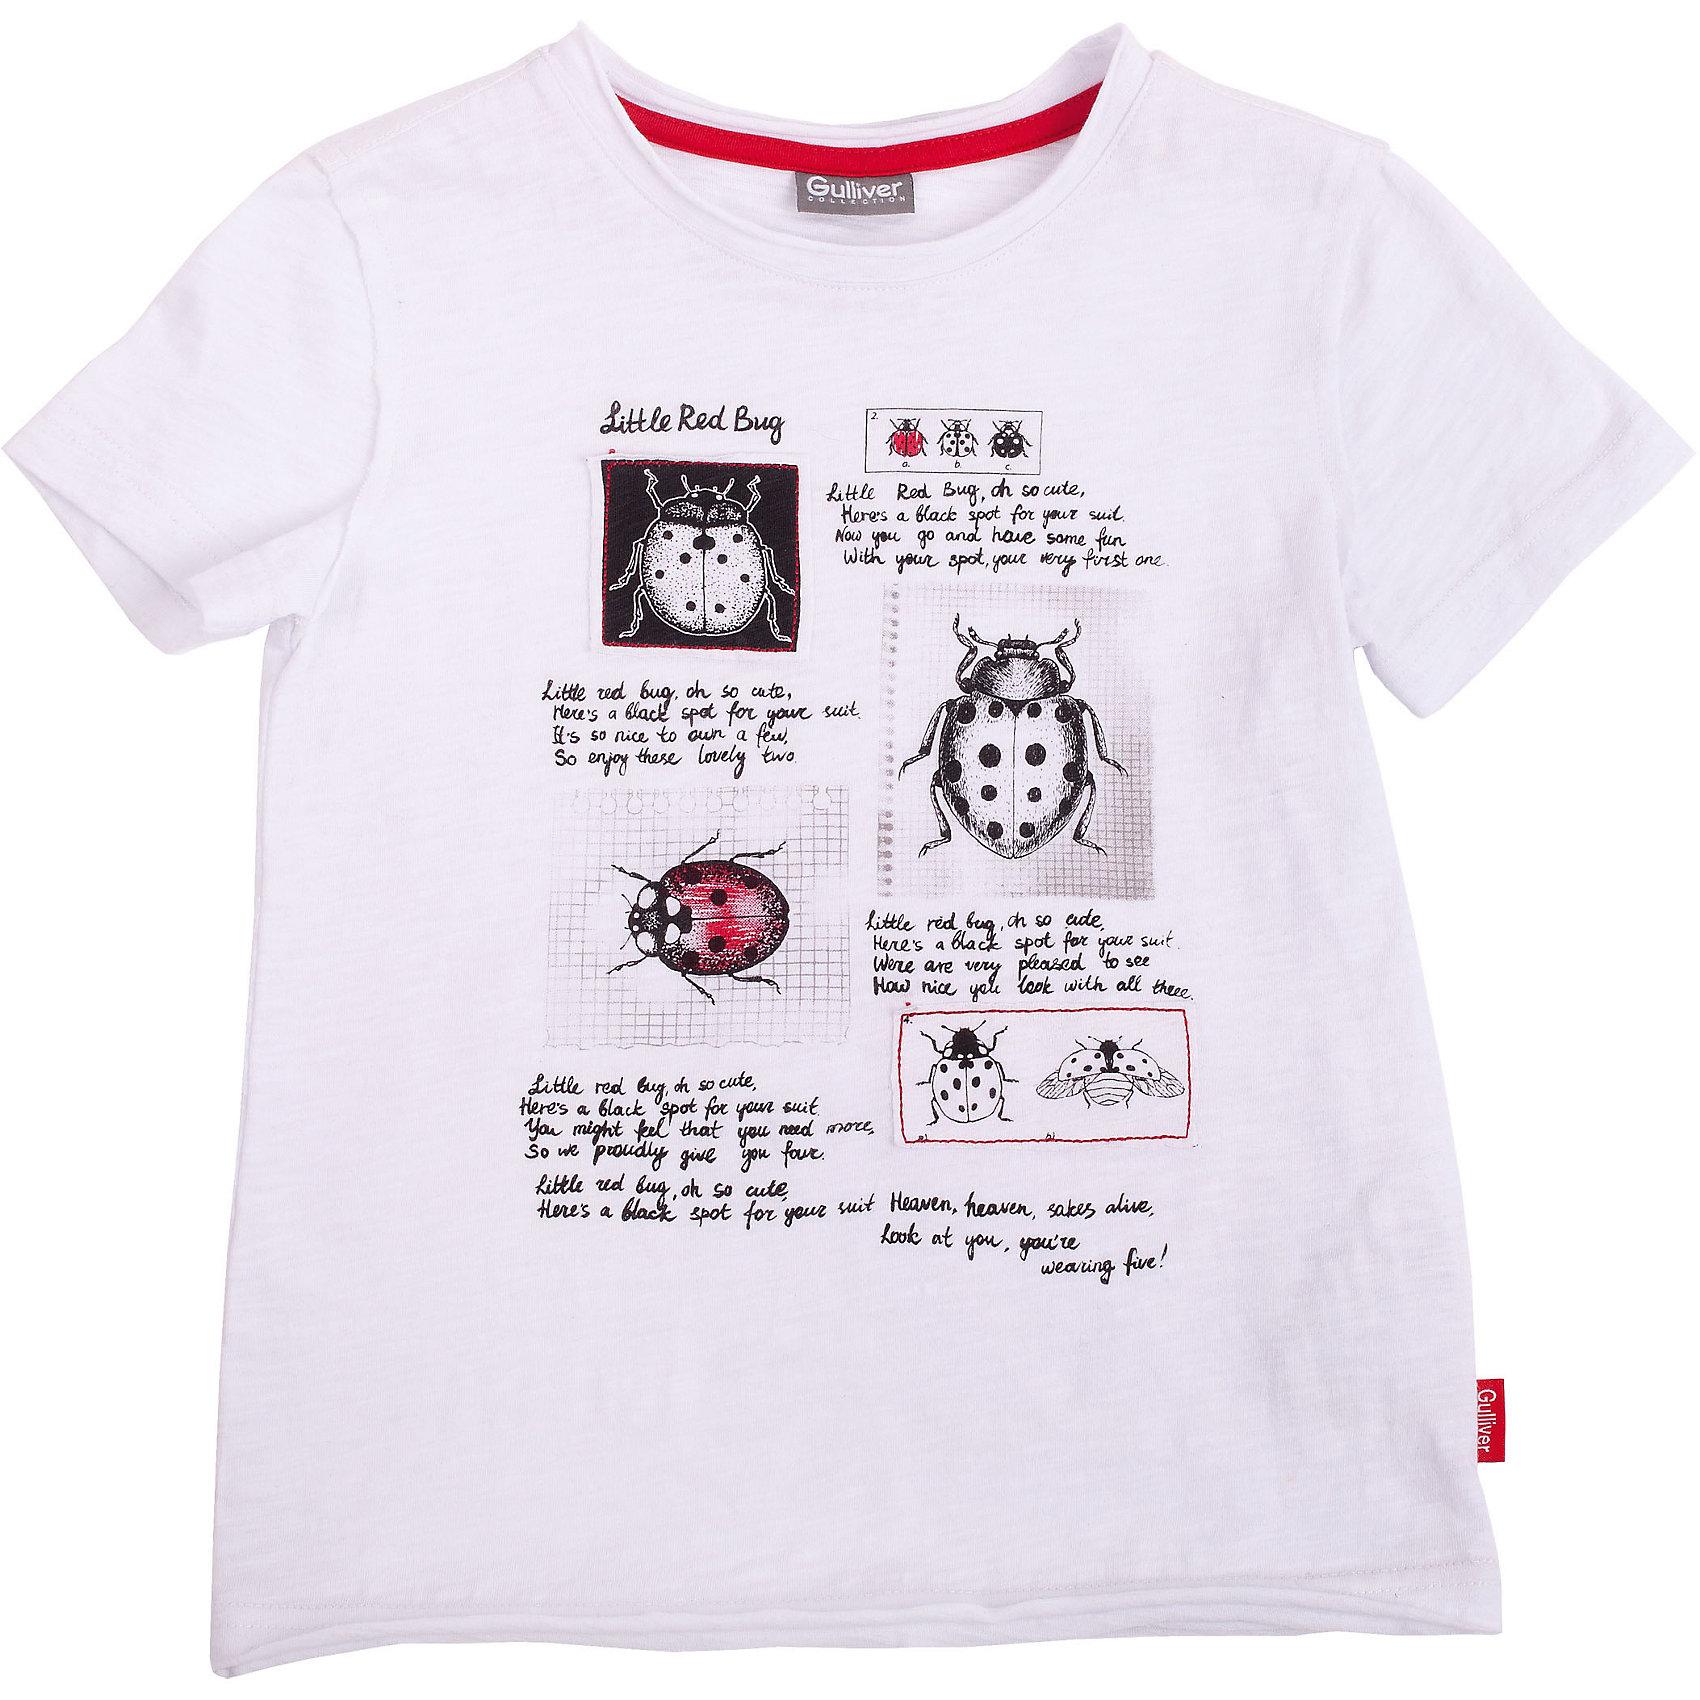 Футболка для мальчика GulliverБелые футболки для мальчика - основа летнего гардероба! Но лишь некоторые из них становятся по-настоящему любимыми. Модная белая футболка с открытыми срезами и ярким выразительным принтом и нашивками сделает каждый день малыша интересным и увлекательным. Выполненная из 100% хлопка, футболка обладает удивительной мягкостью, обеспечивающей ежедневный комфорт. Вы хотите купить модную белую футболку для мальчика? Эта модель - то, что вам нужно!<br>Состав:<br>100% хлопок<br><br>Ширина мм: 199<br>Глубина мм: 10<br>Высота мм: 161<br>Вес г: 151<br>Цвет: белый<br>Возраст от месяцев: 24<br>Возраст до месяцев: 36<br>Пол: Мужской<br>Возраст: Детский<br>Размер: 98,104,116,110<br>SKU: 4534703